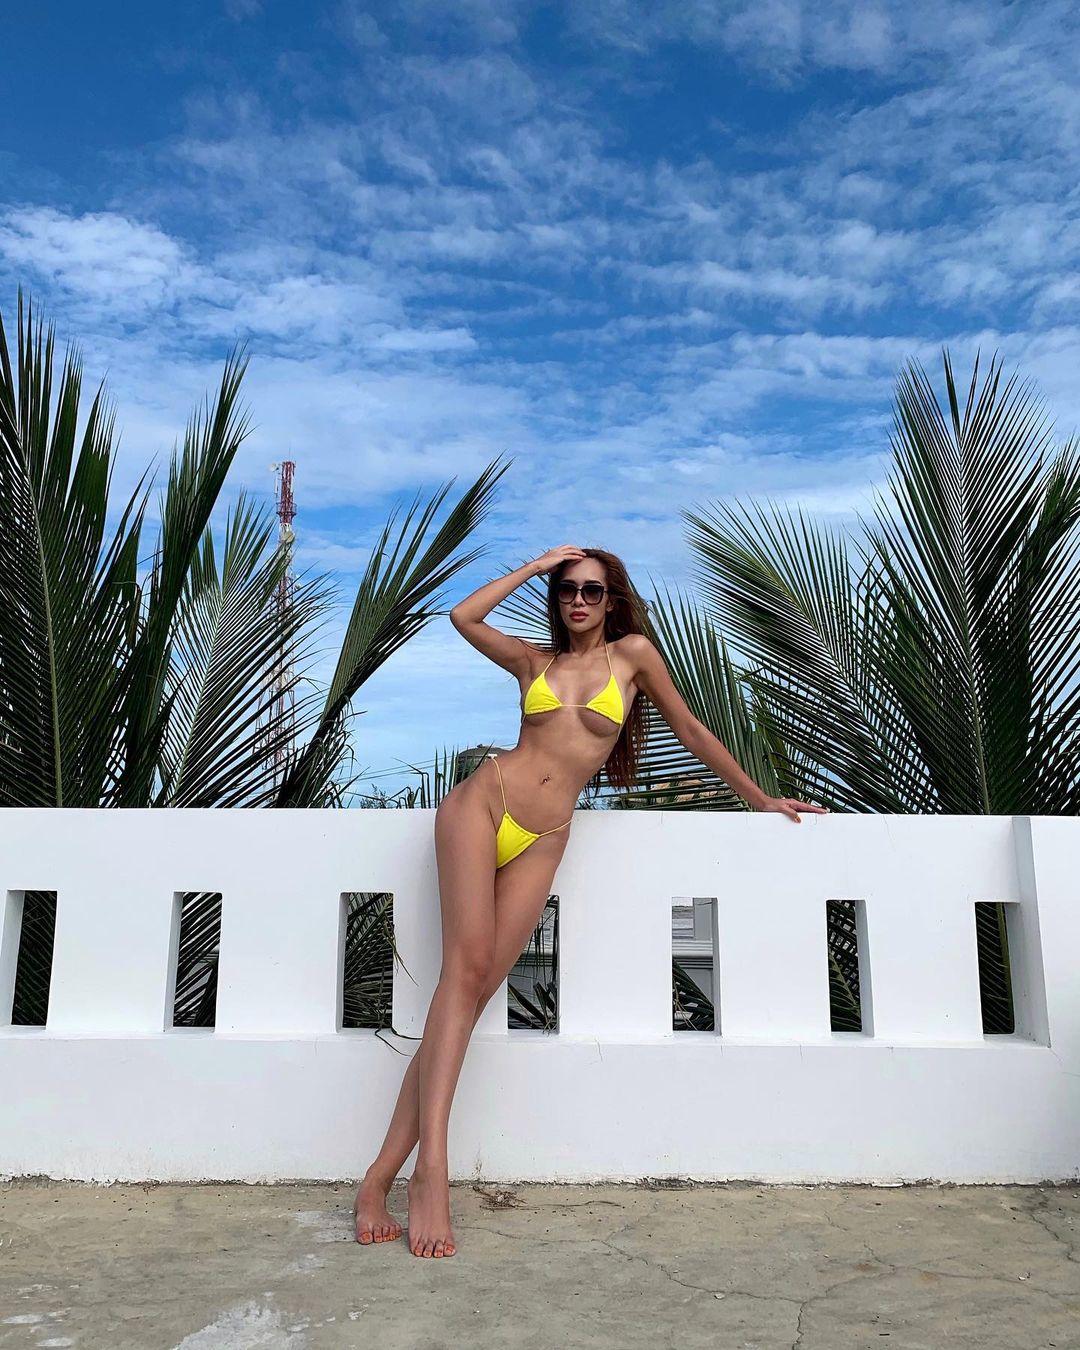 Có 1 kiểu bikini chỉ bé bằng 2 bàn tay của em đây em múa cho mẹ xem nhưng từ netizen tới sao Việt đều diện - Ảnh 2.